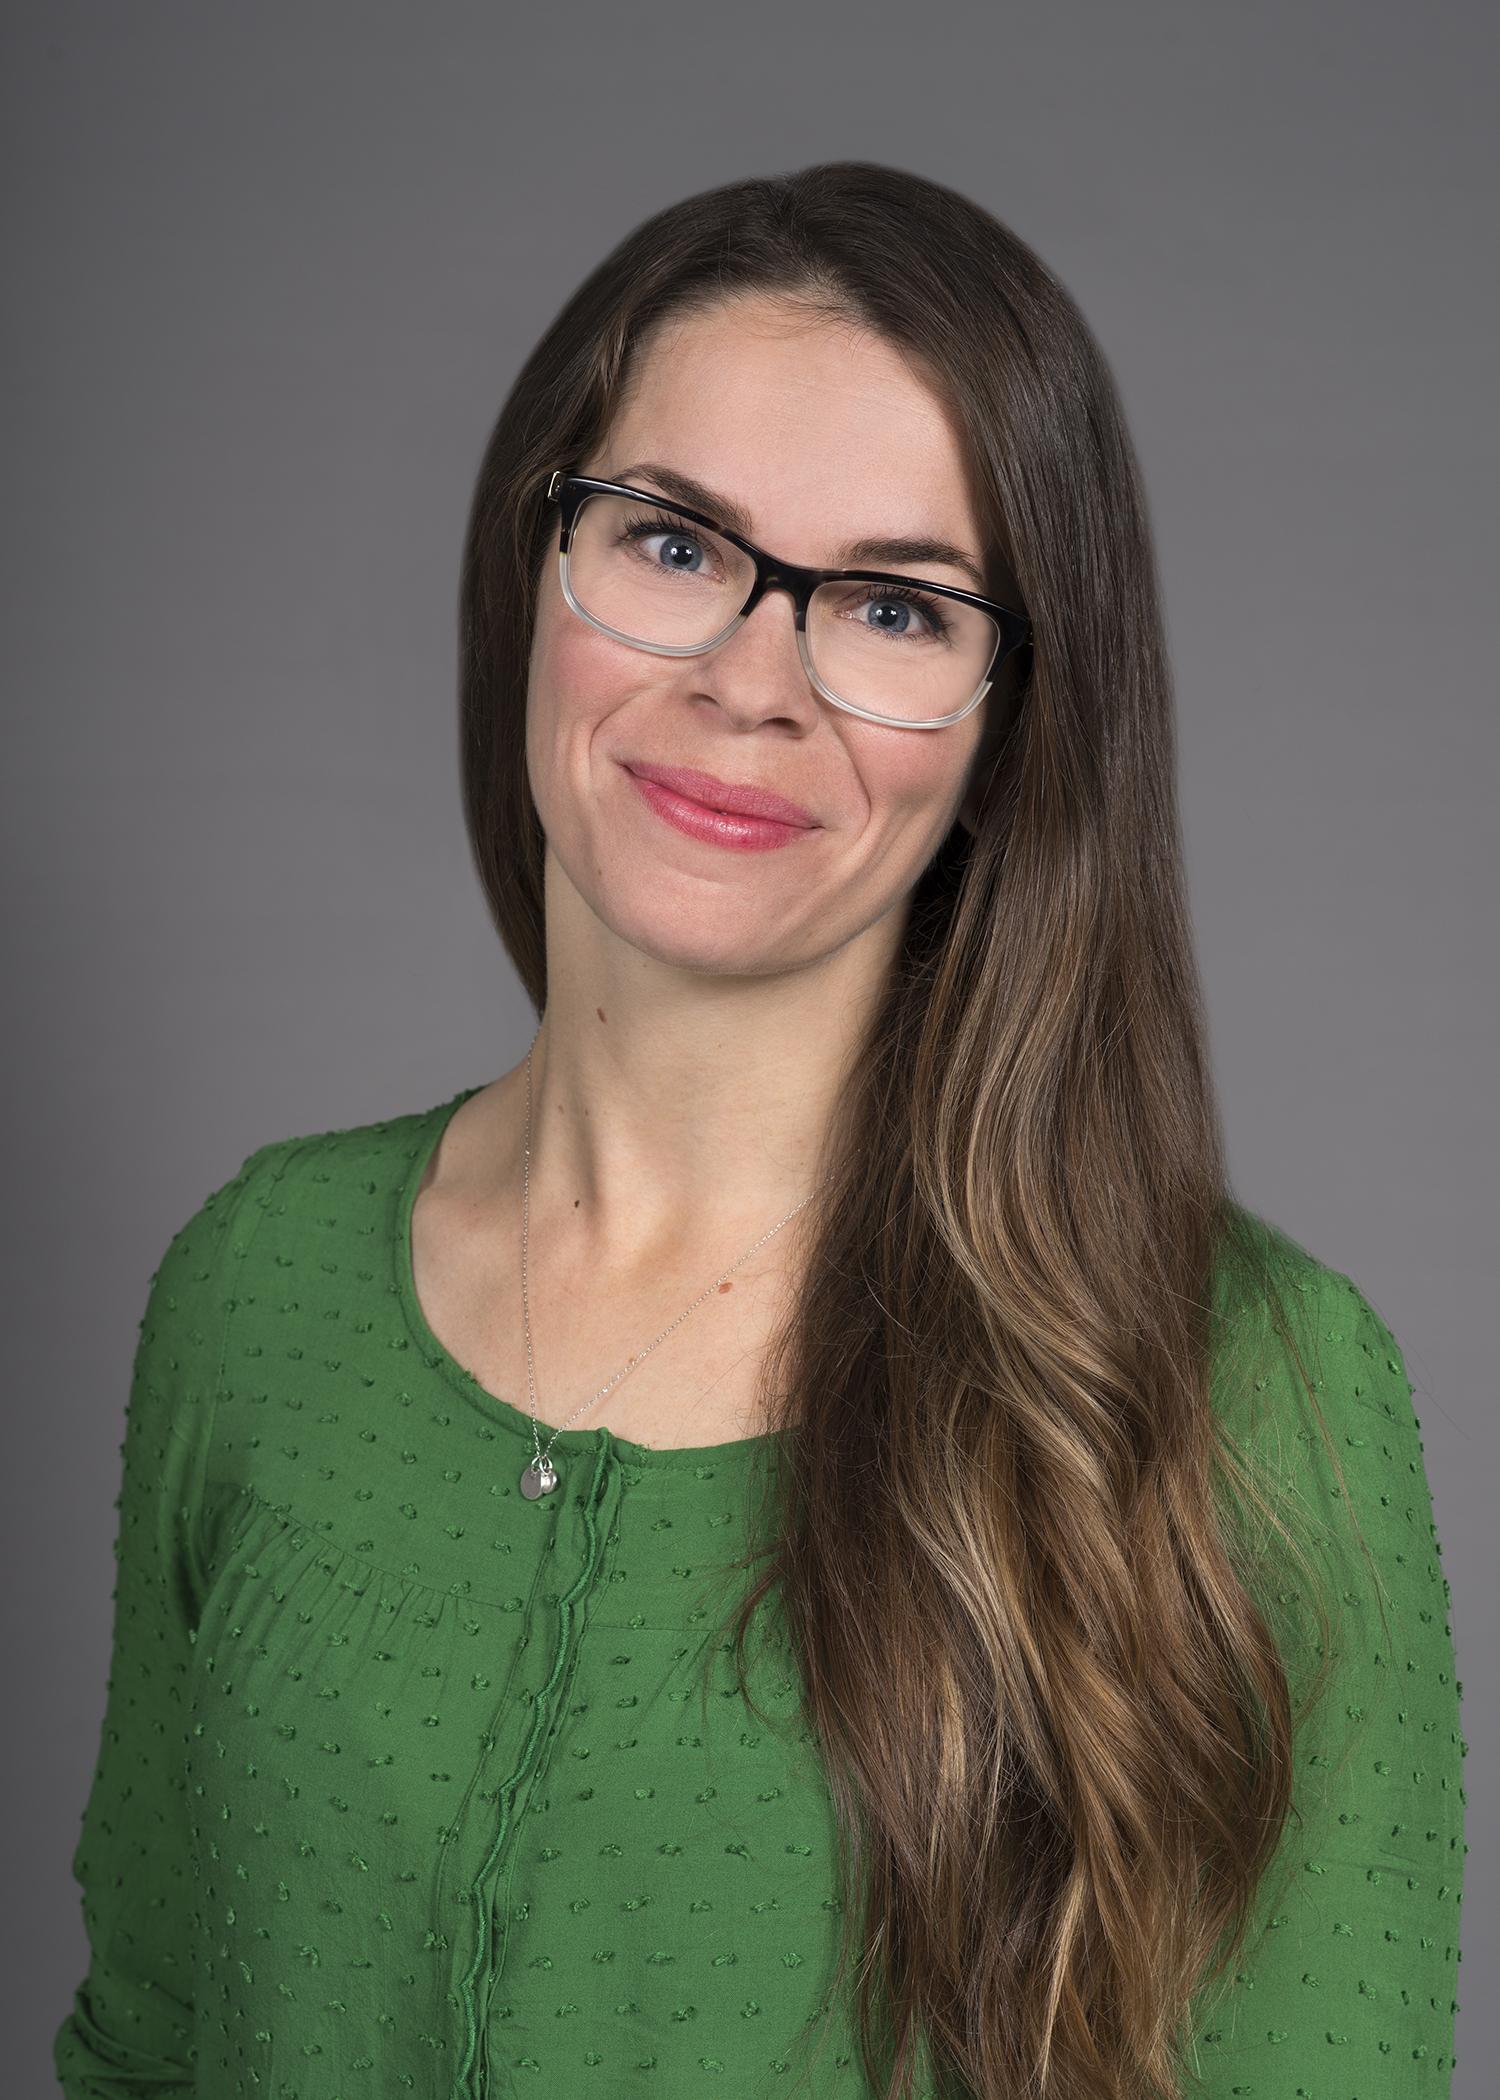 Bonnie Ditterline, PhD